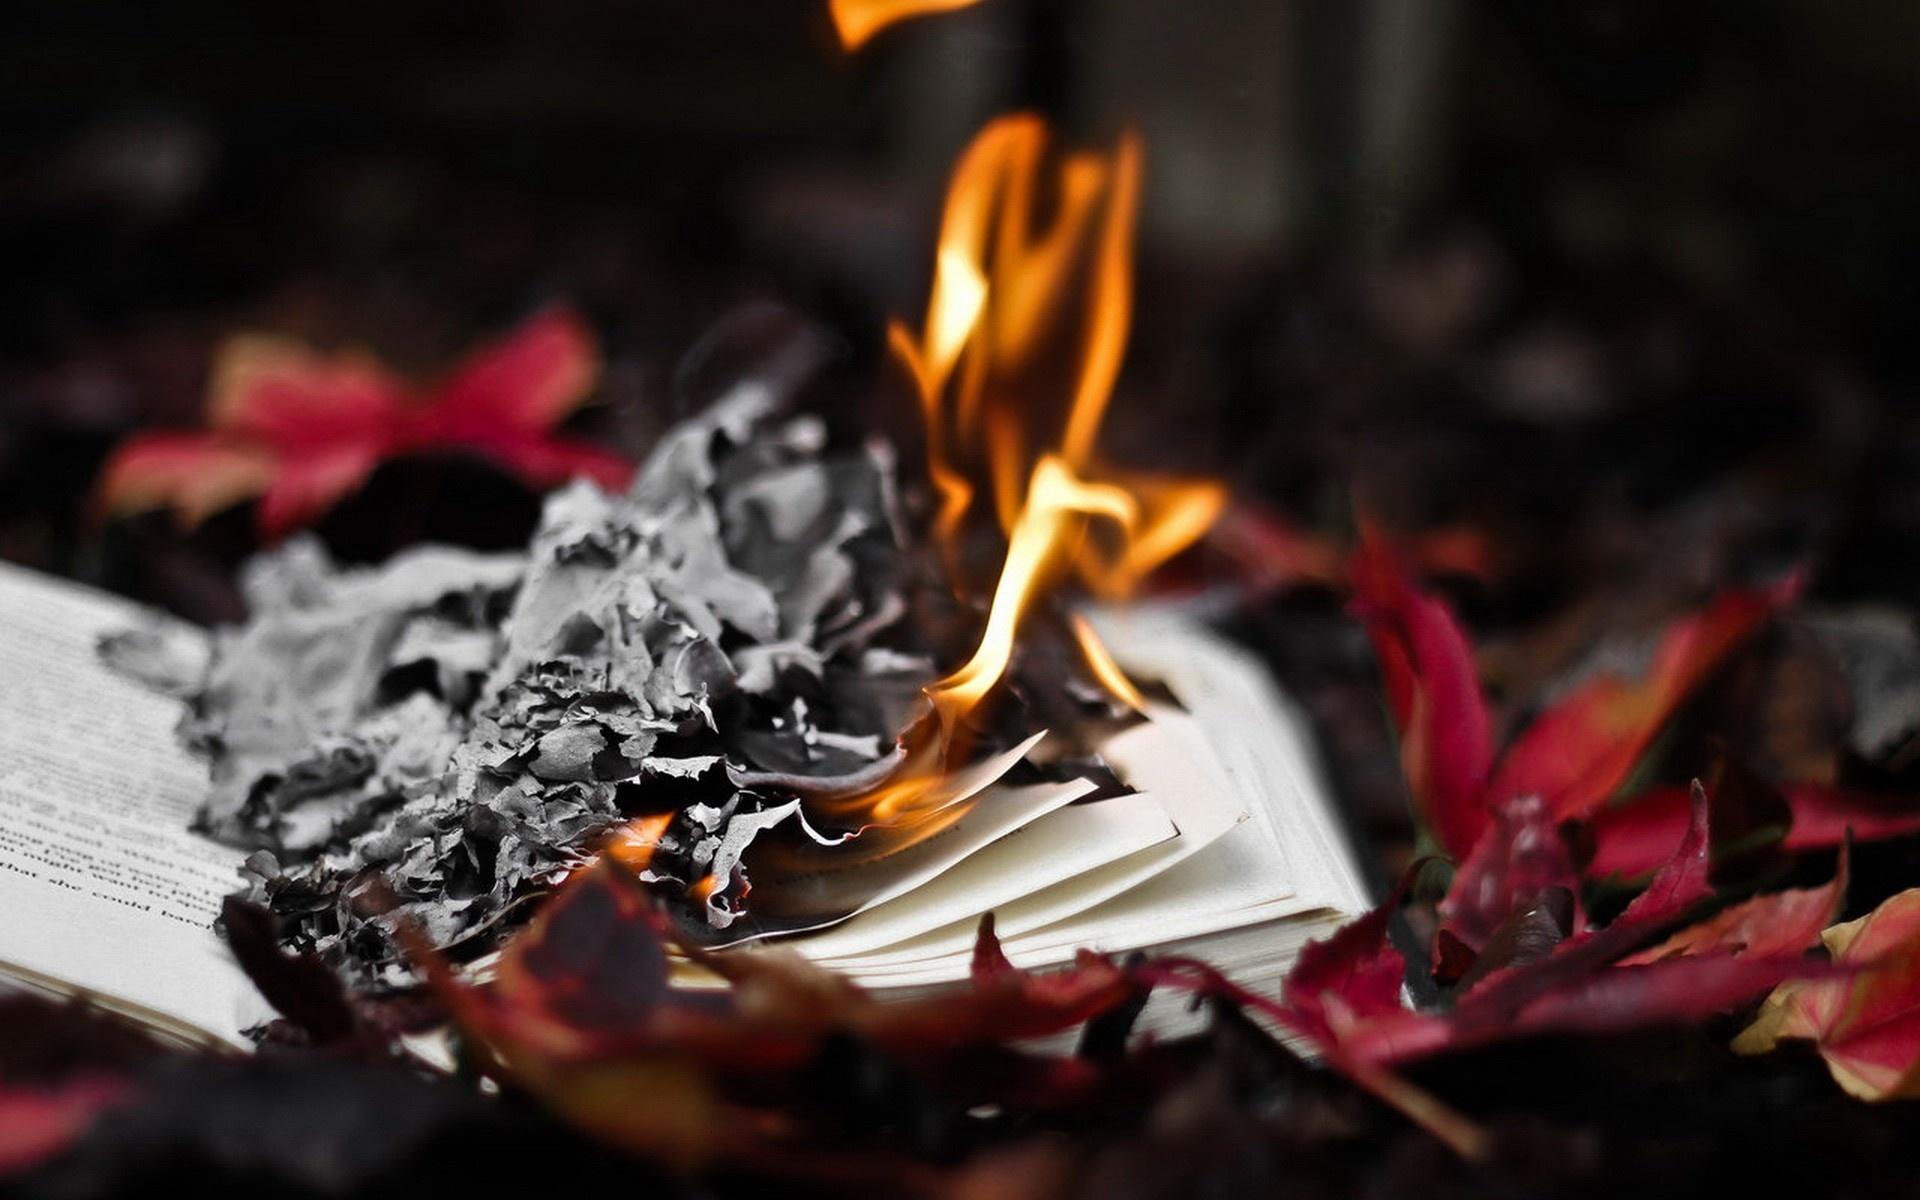 В Пушкинской библиотеке ликвидирован пожар стопки книг